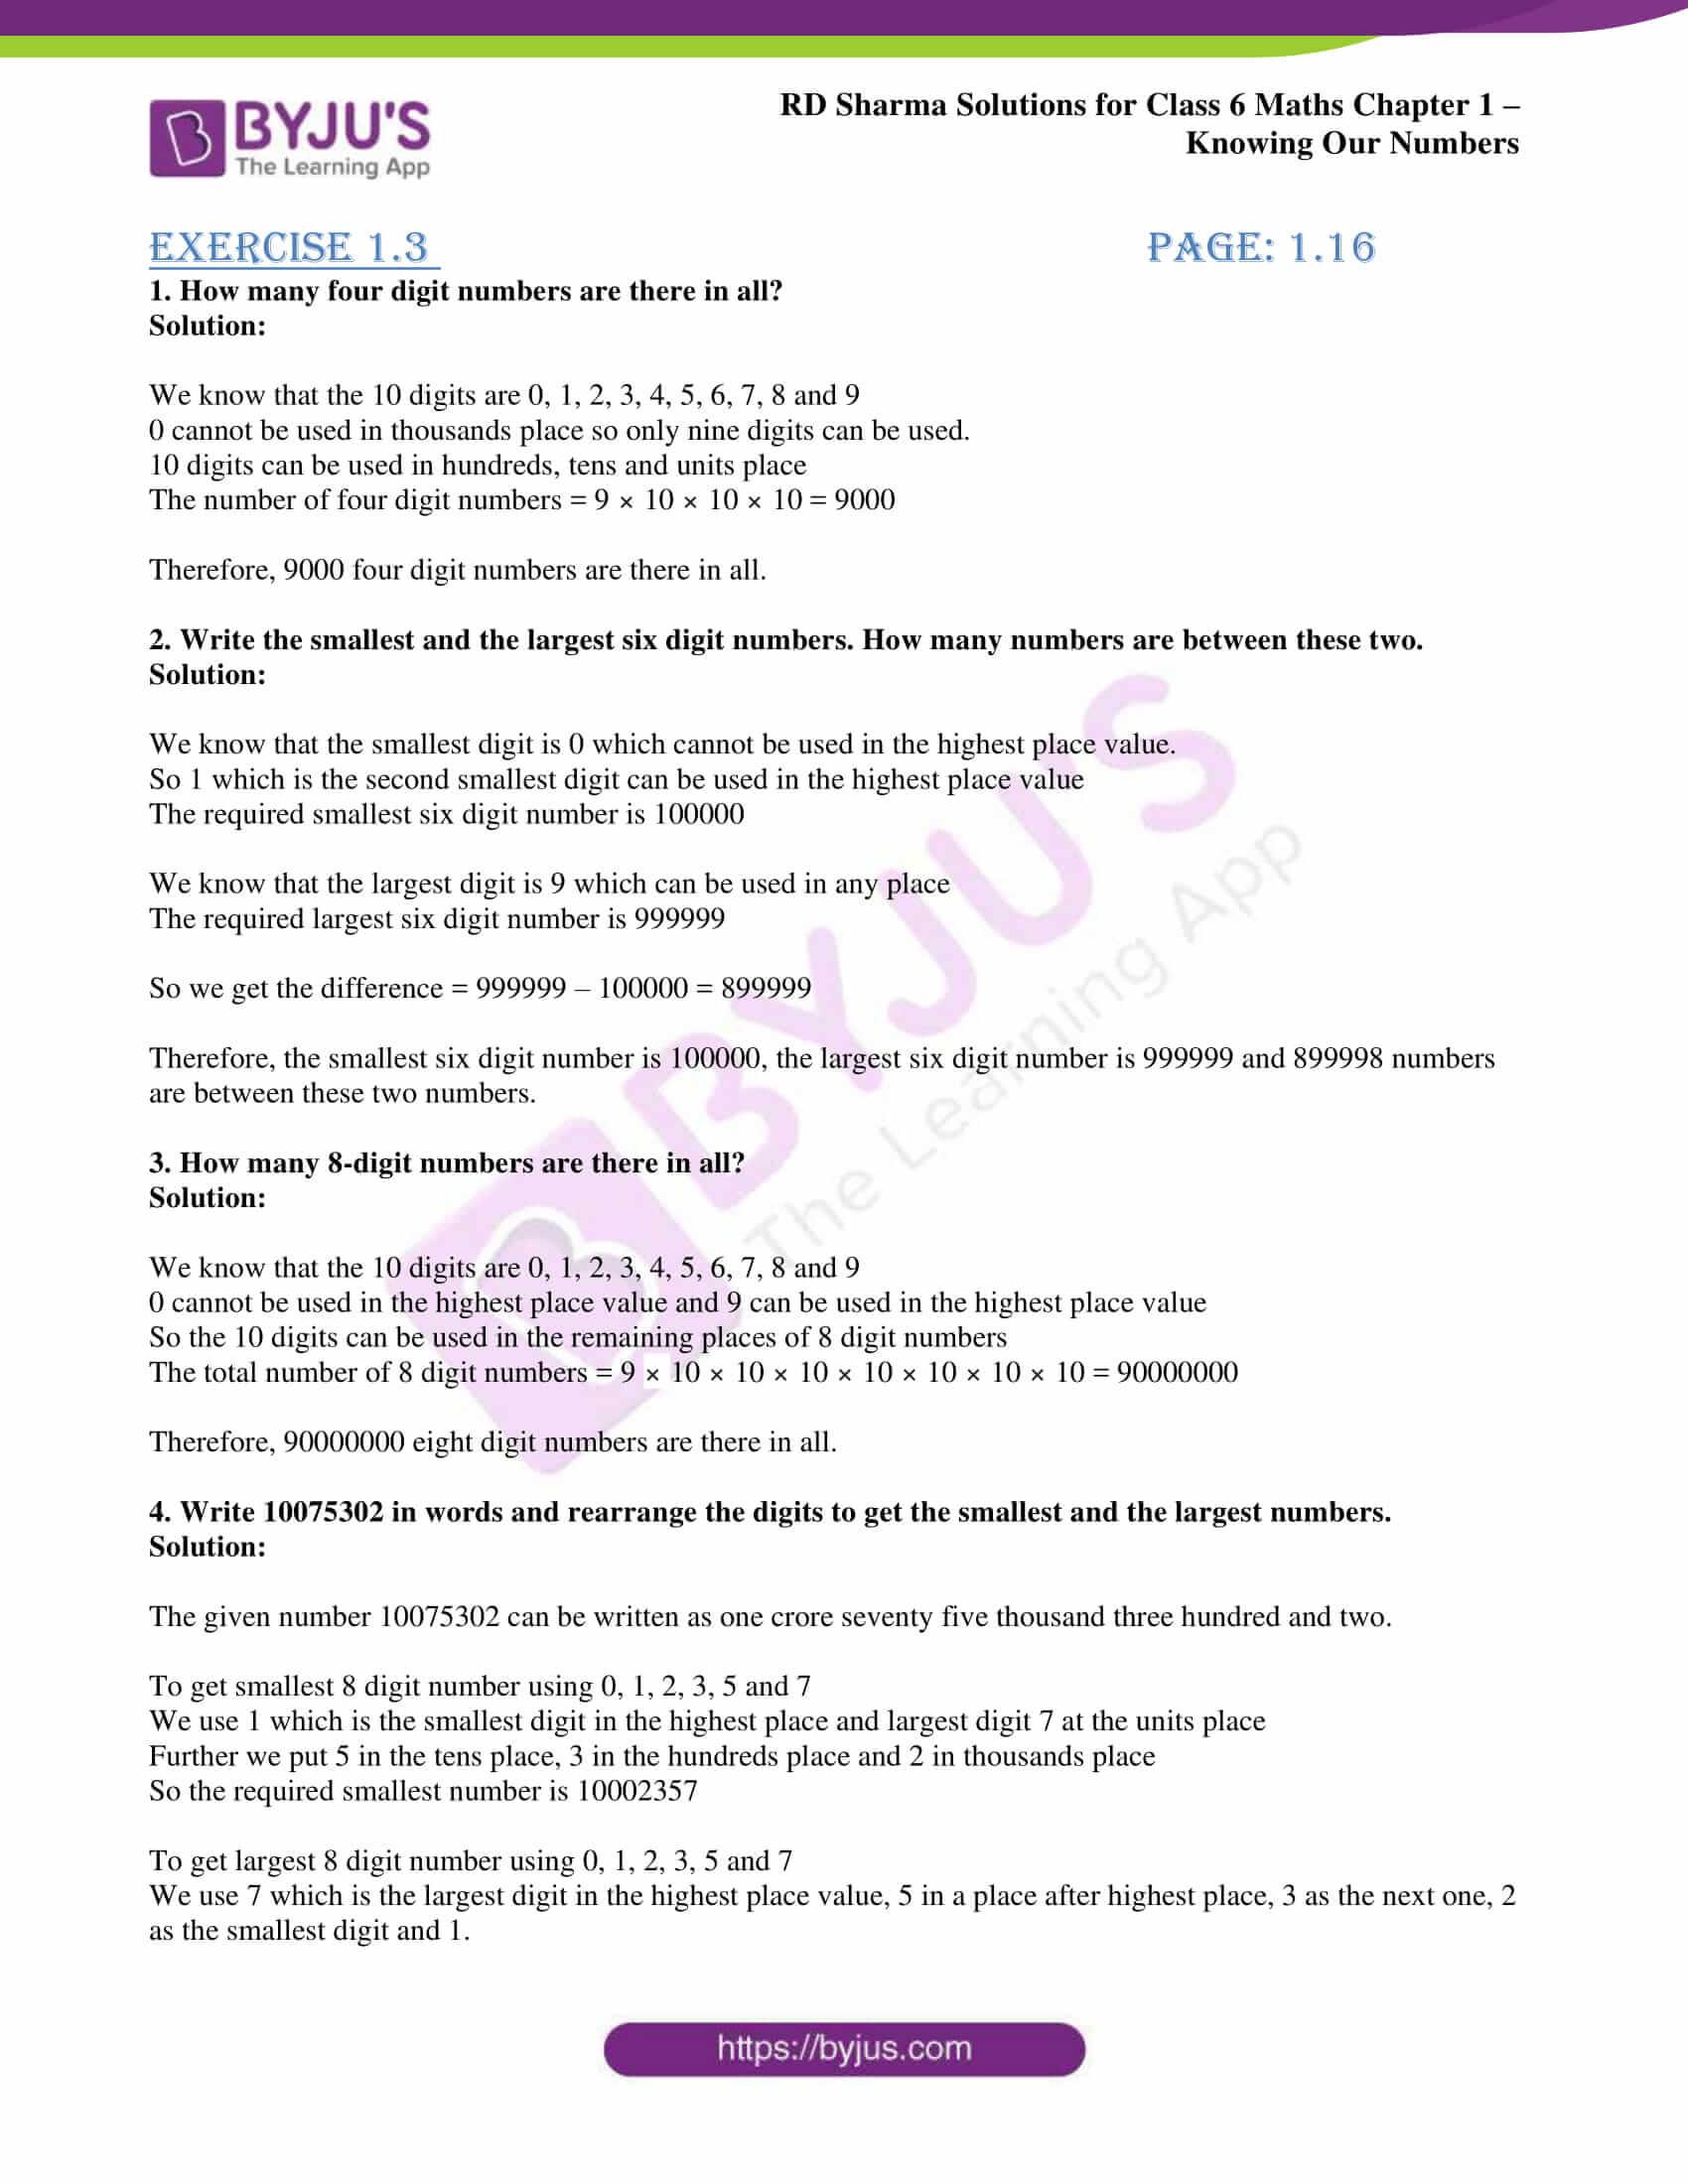 rd sharma solution class 6 maths chapter 1